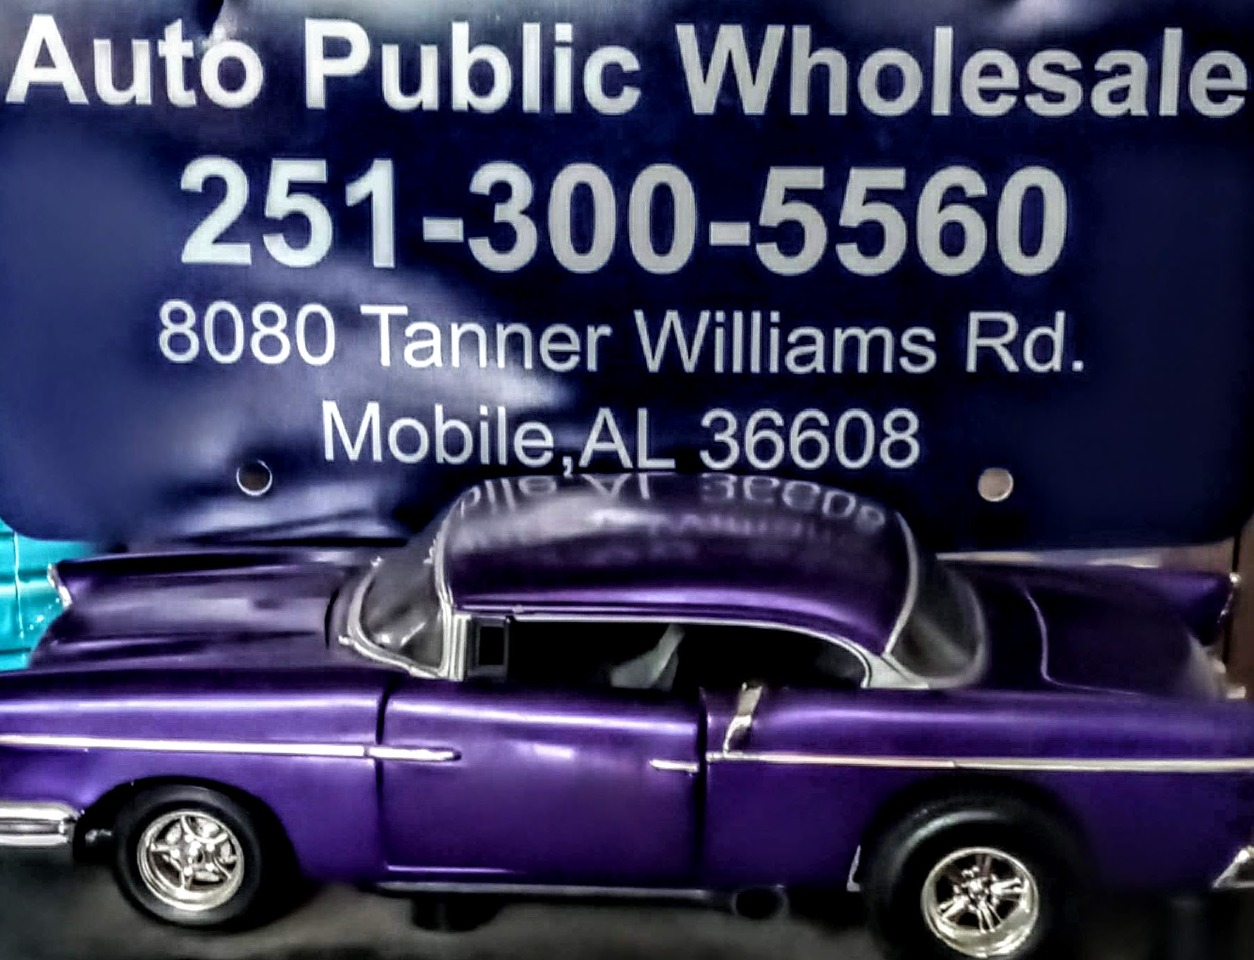 Auto Public Wholesale